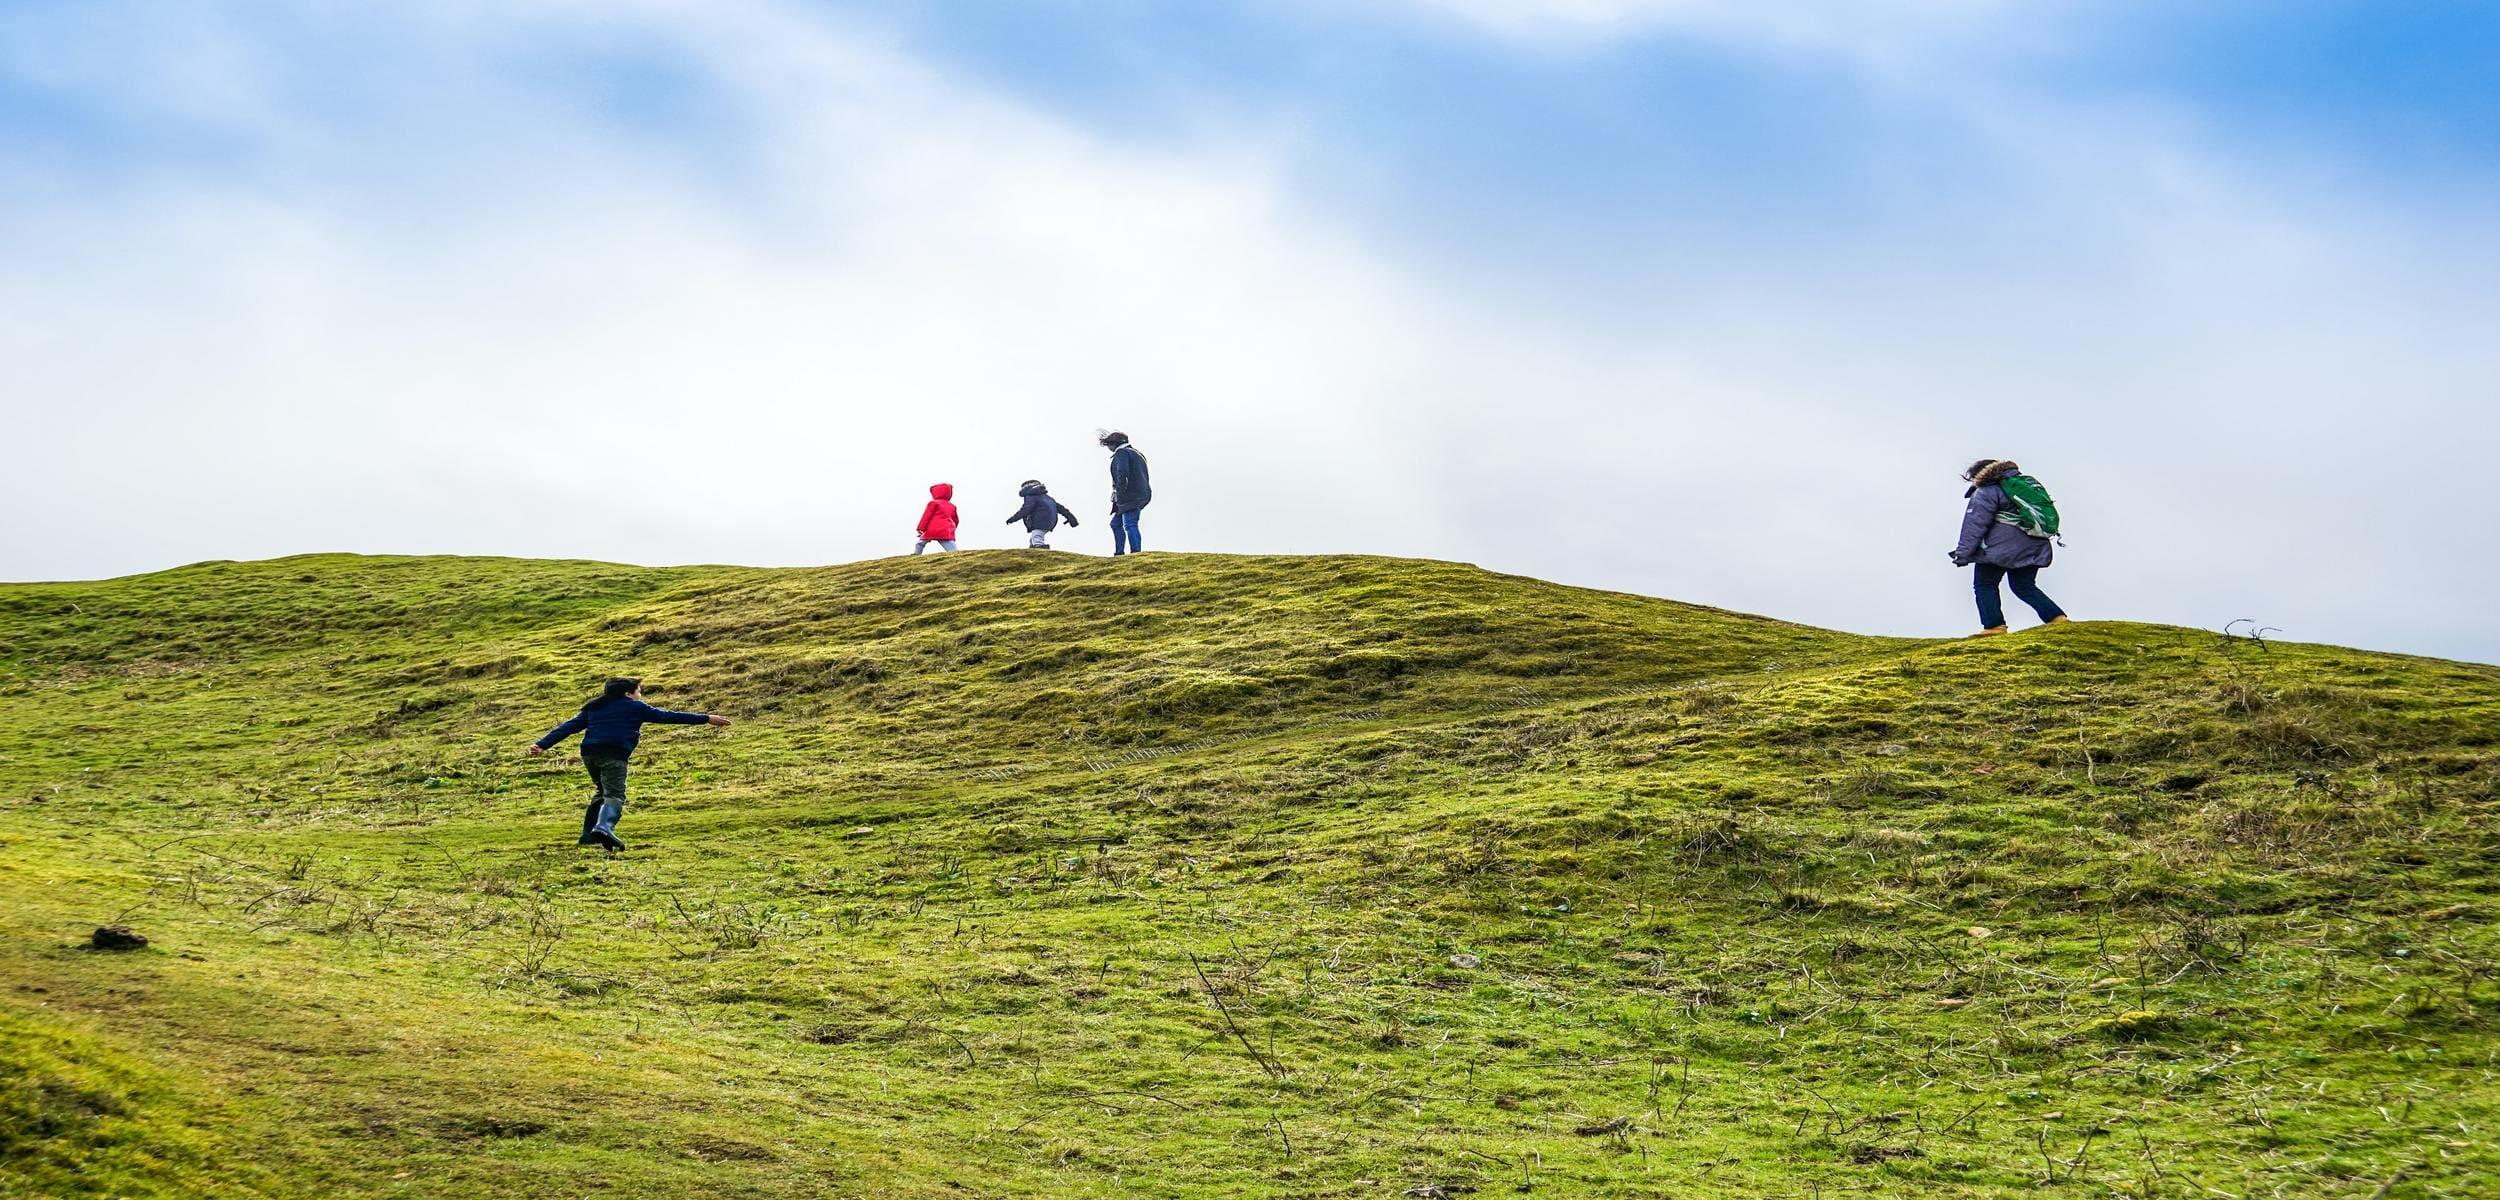 Verano en Chile: dónde pasar tus vacaciones en familia con pandemia